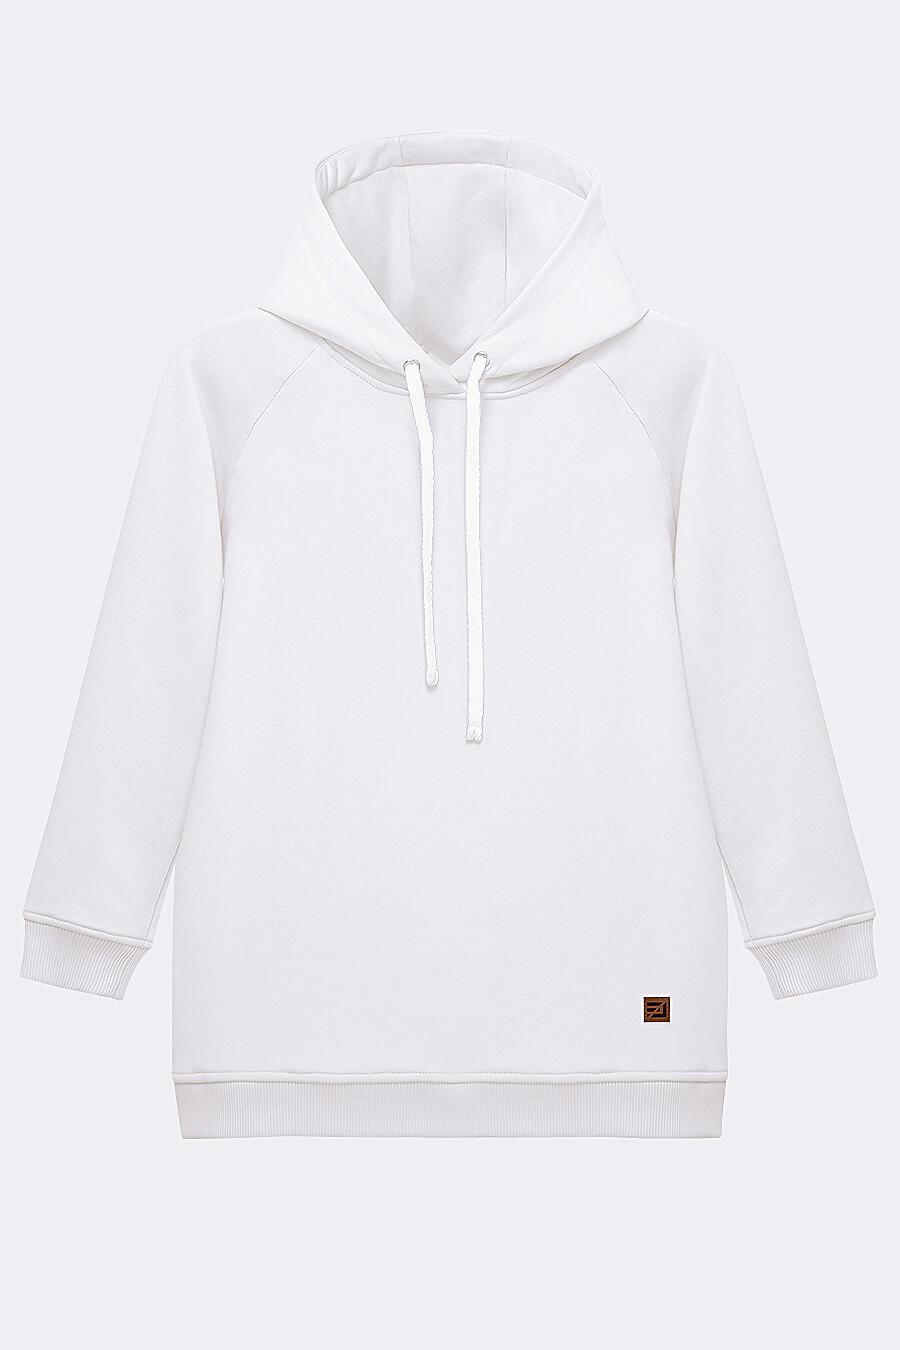 Костюм(Худи+Брюки) для девочек EZANNA 682730 купить оптом от производителя. Совместная покупка детской одежды в OptMoyo